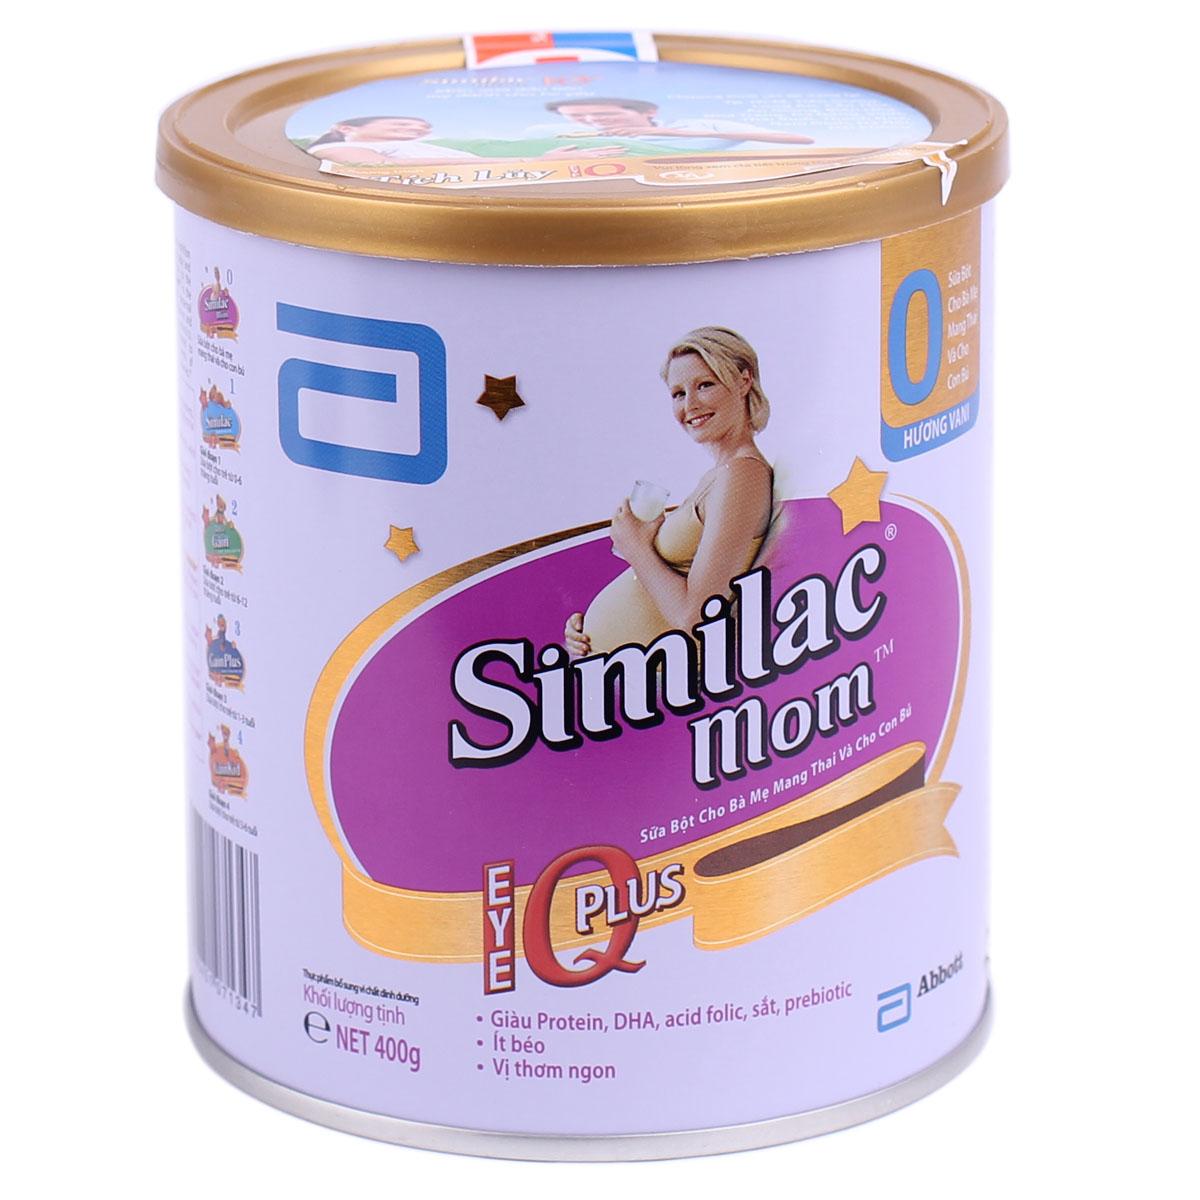 Kết quả hình ảnh cho Sữa Similac Mom